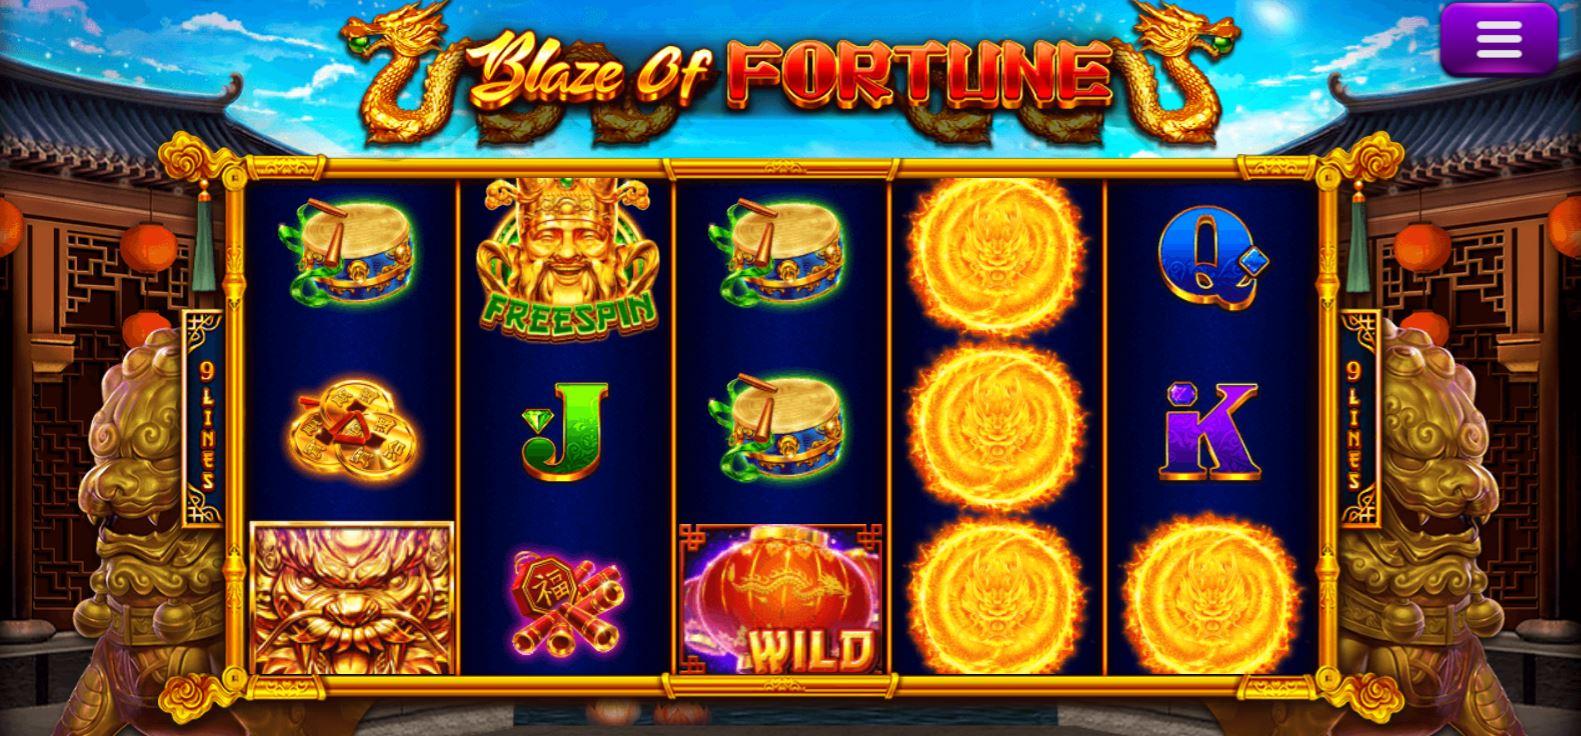 Epicwin แนะนำเกมสล็อต 2021 | Blaze of Fortune โปรโมชั่น Free